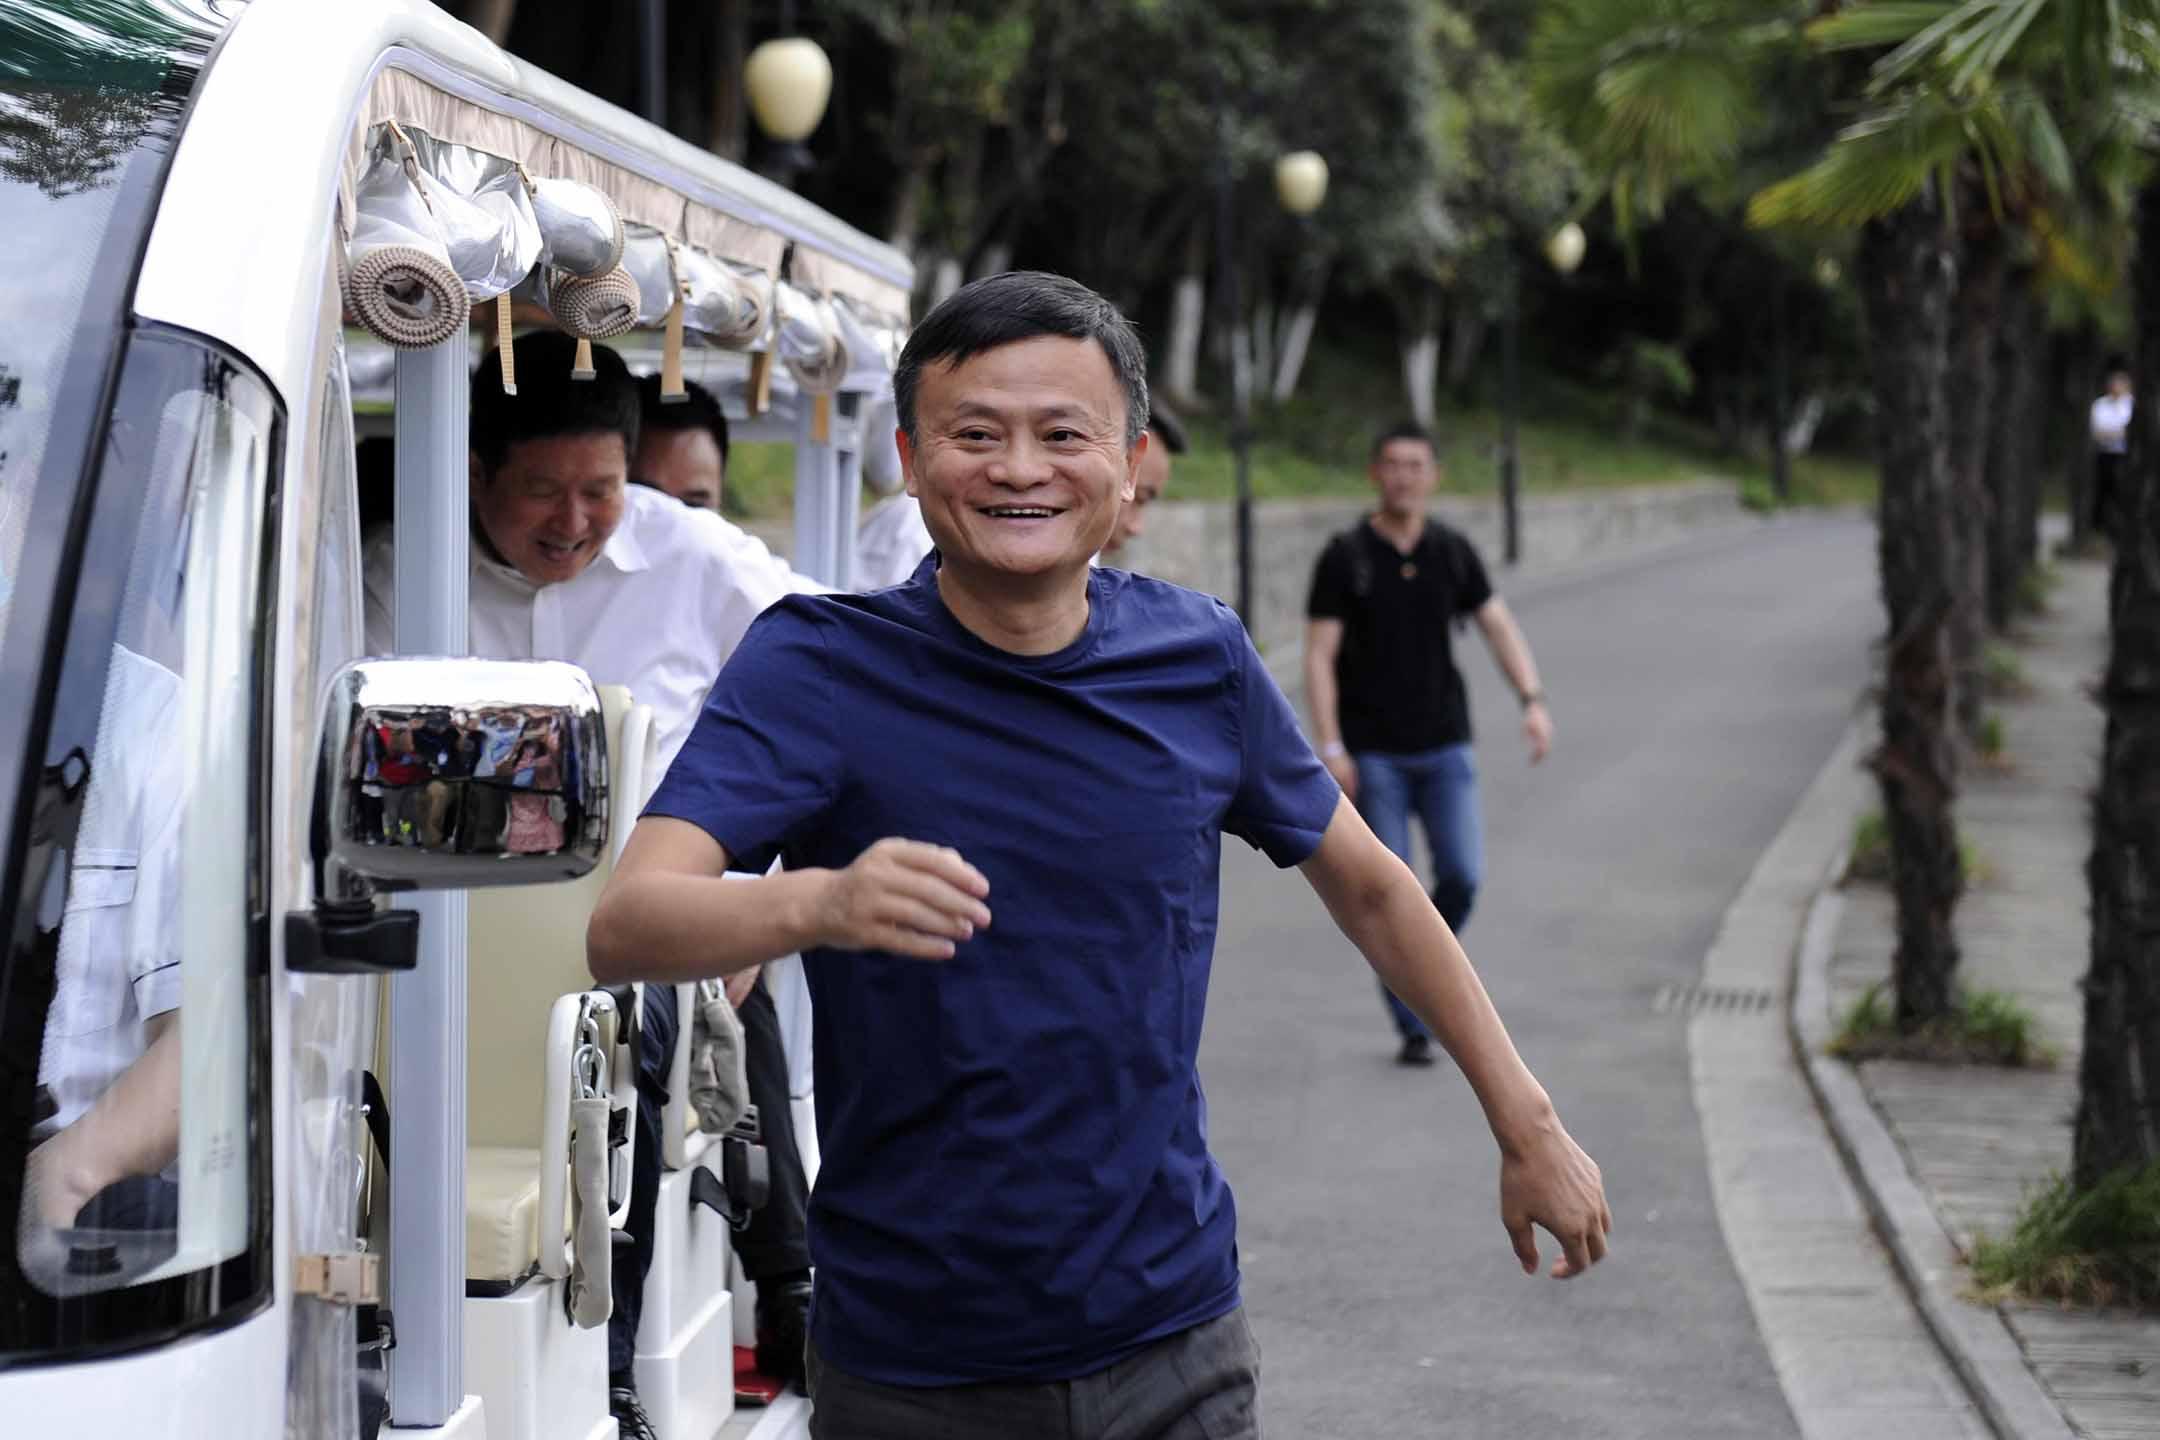 2020年6月6日中國合肥,阿里巴巴集團創始人馬雲日在一家火鍋店與前線工作的醫務人員共進晚餐。